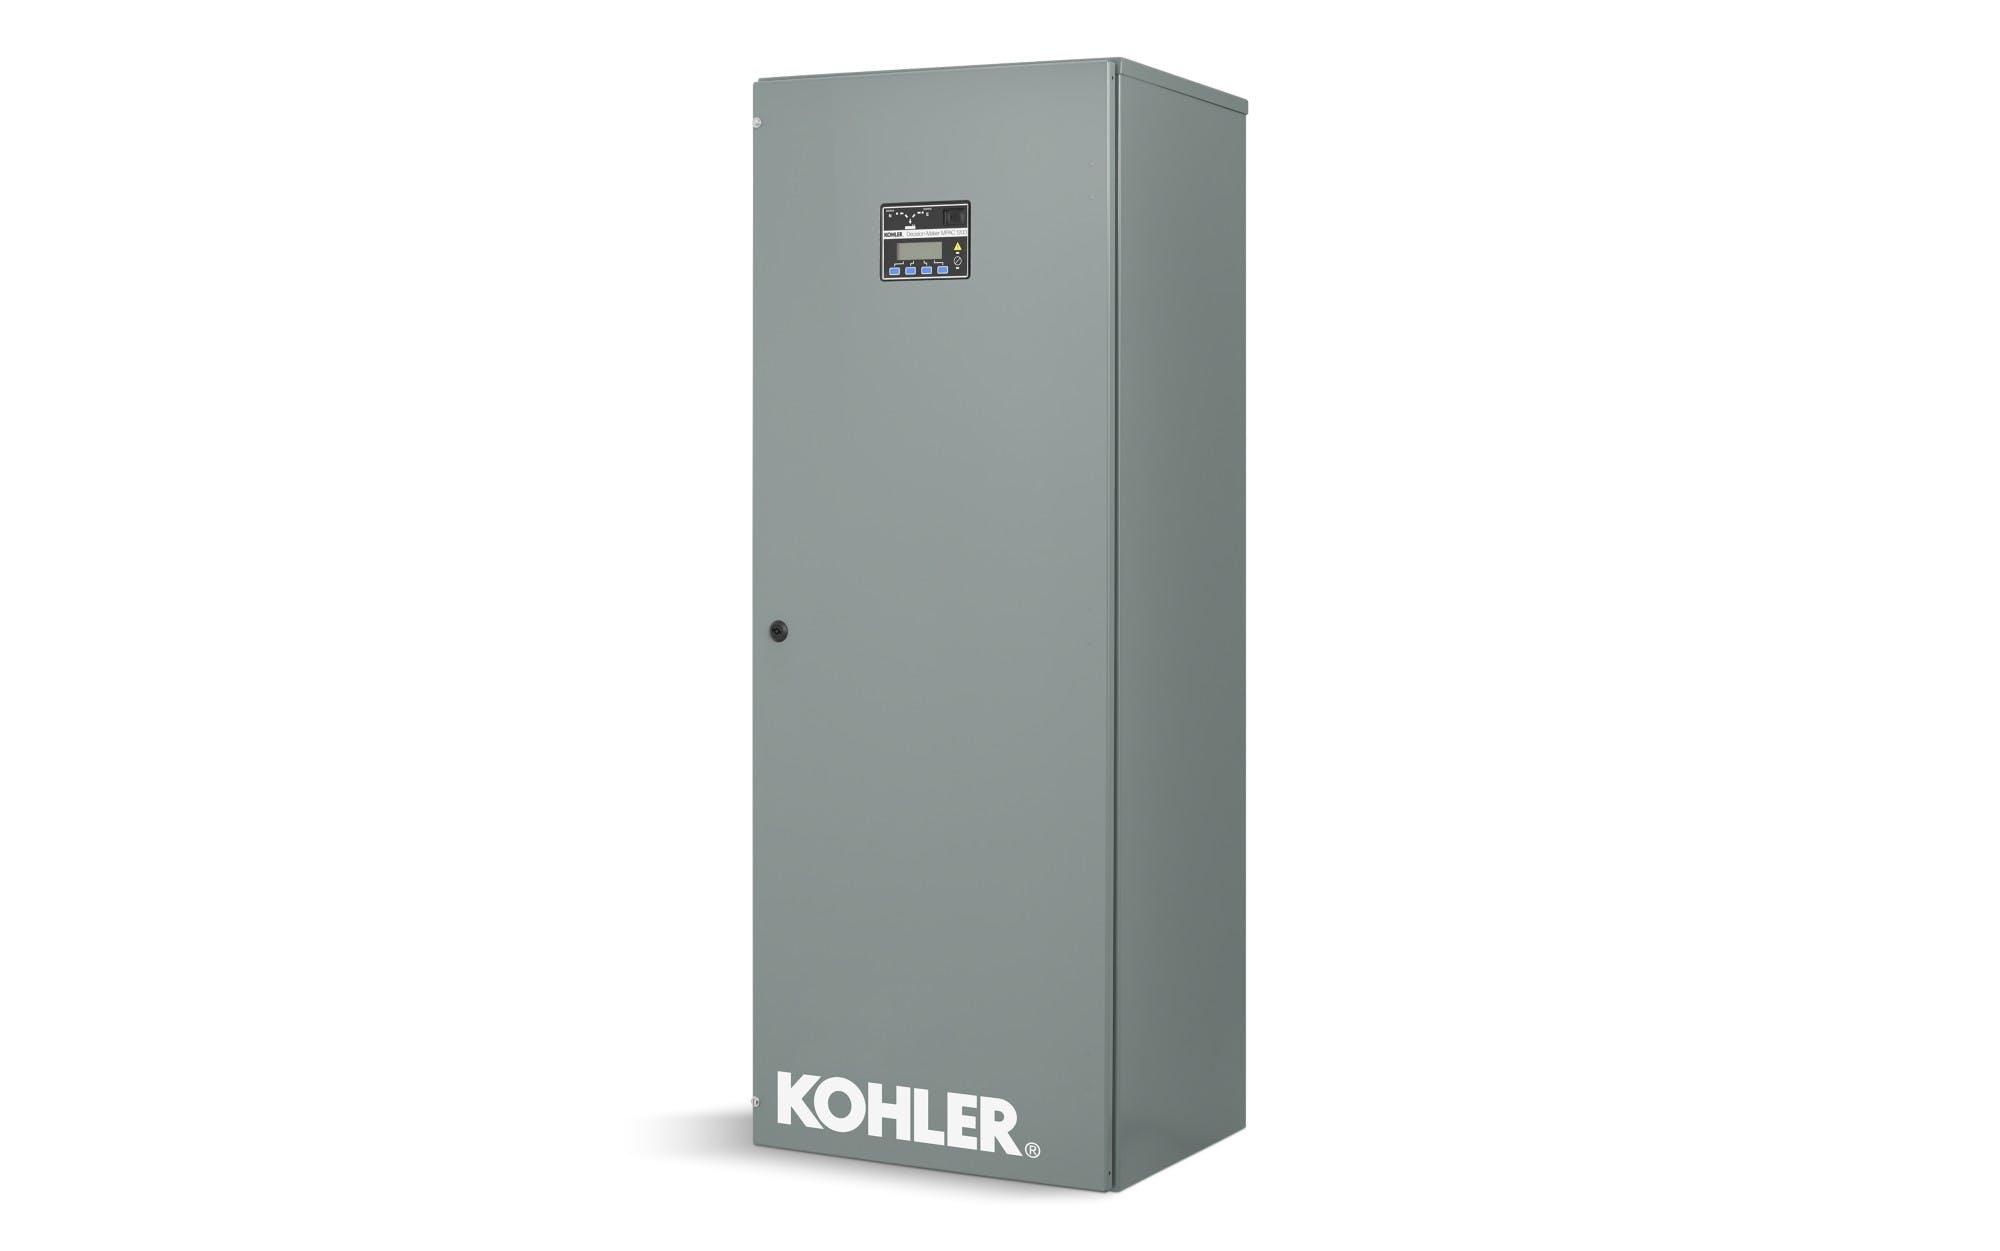 KSS ATS - 600-amp, Single Phase/2 Pole, 240V